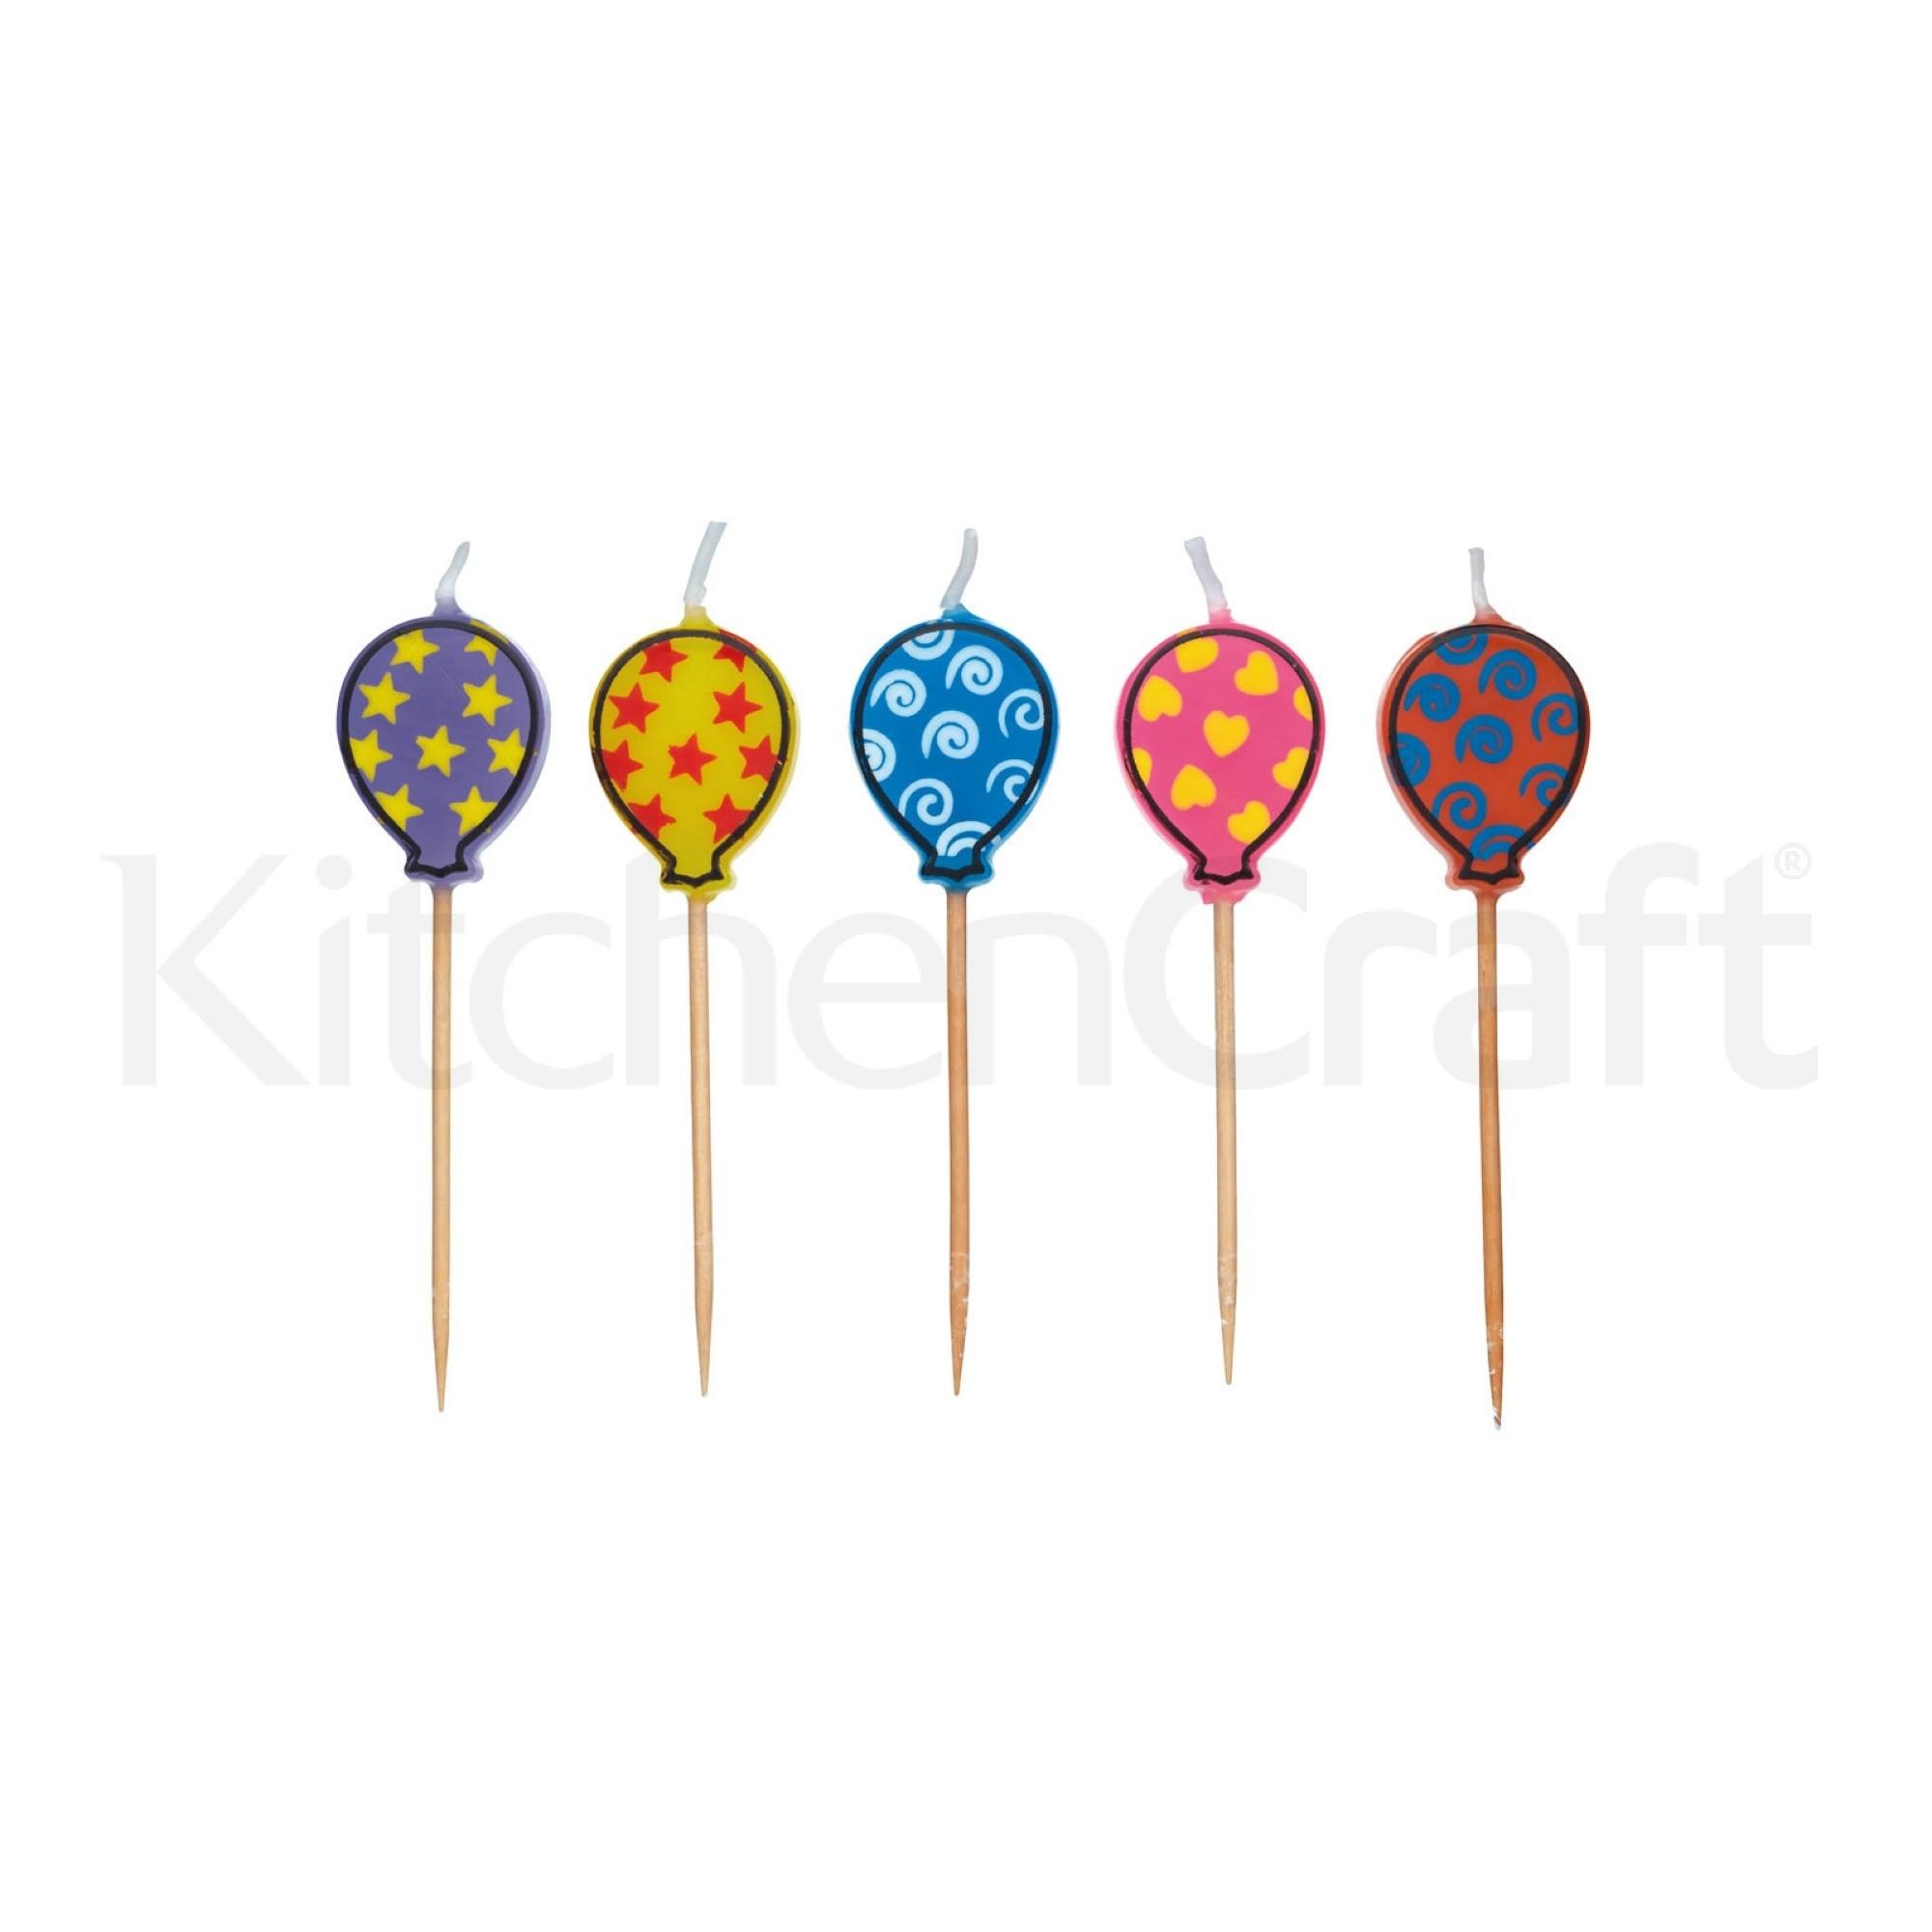 """Κεράκια """"Μπαλόνια"""" Σετ 5τεμ Sweetly Does It home   ζαχαροπλαστικη   εργαλεία ζαχαροπλαστικής"""